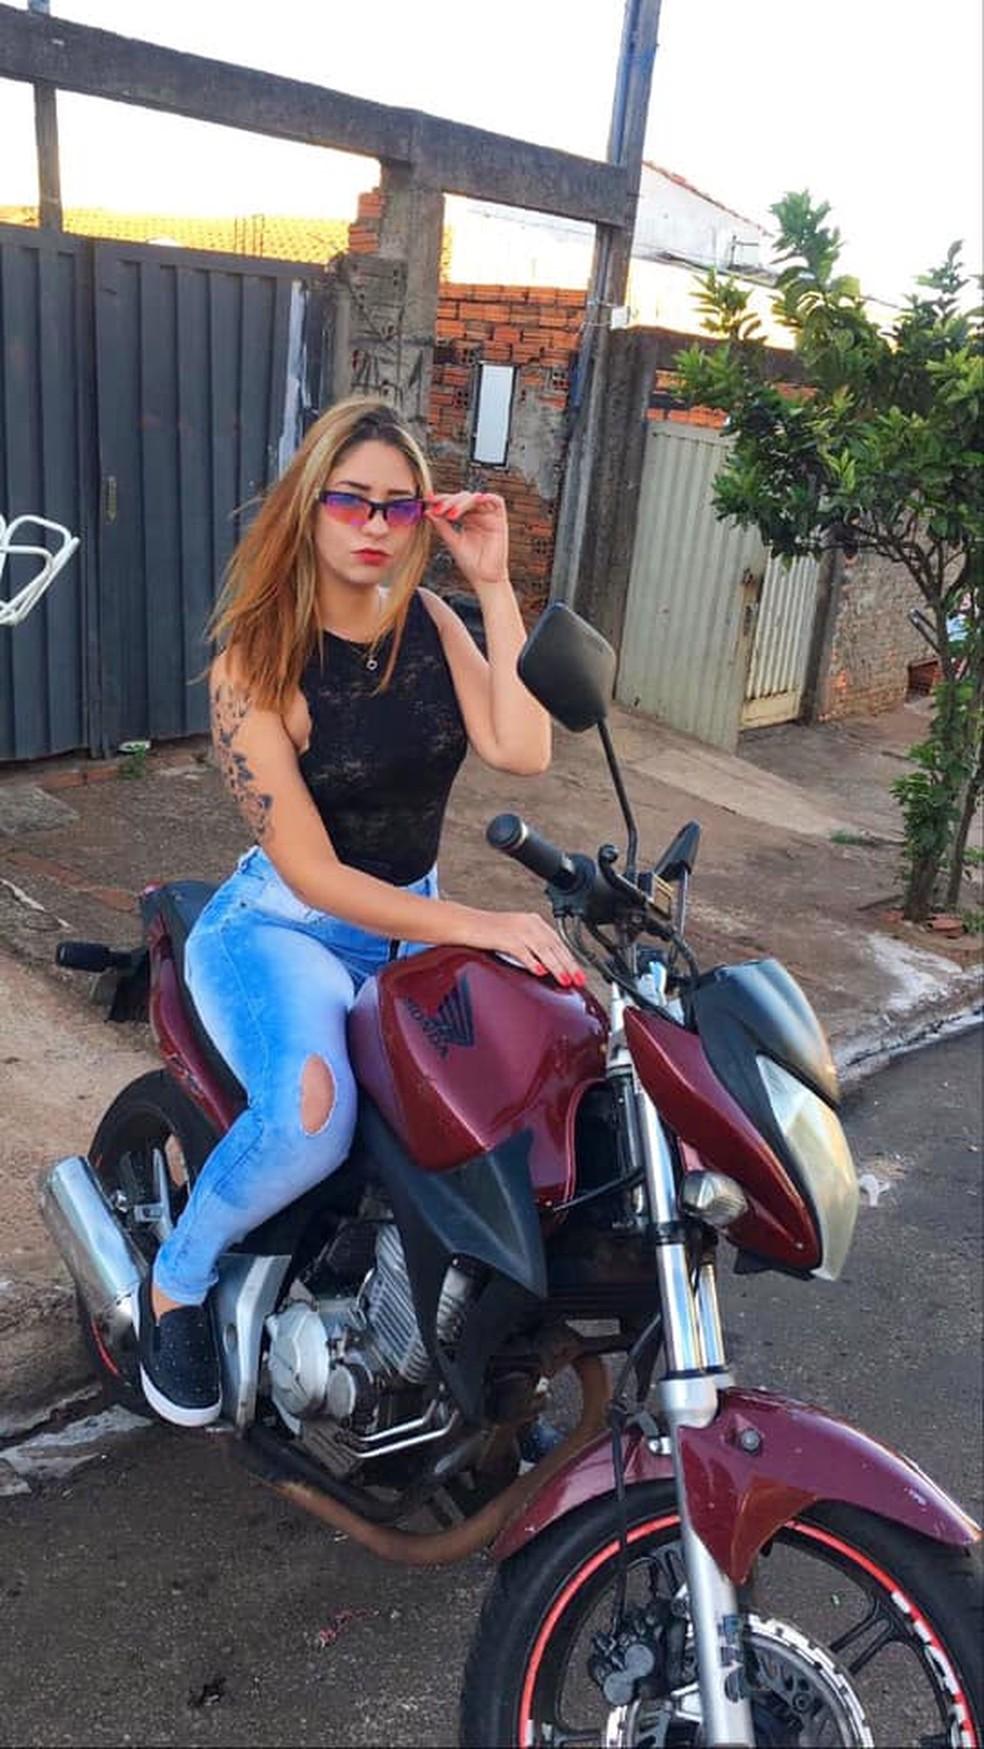 Letícia pilotava a moto quando sofreu o acidente em Jaú  — Foto: Facebook/ reprodução